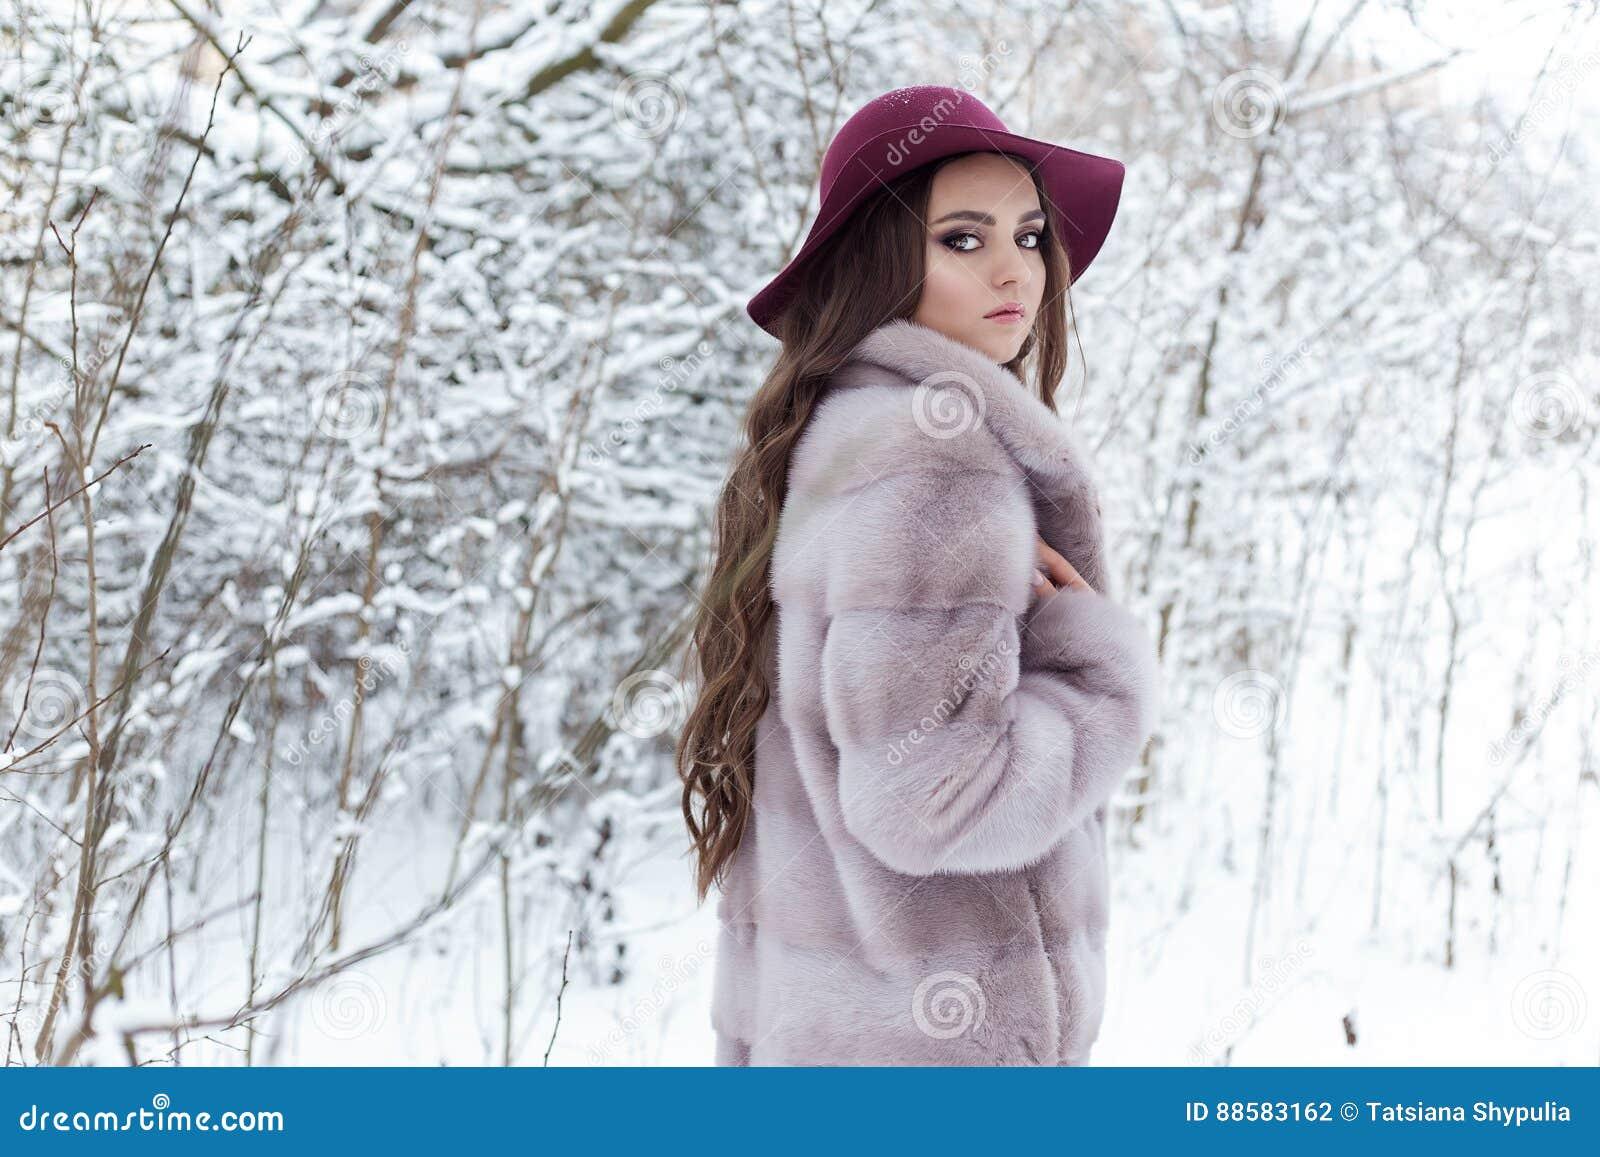 皮大衣和帽子的美丽的逗人喜爱的典雅的女孩走在冬天森林明亮的冷淡的早晨的